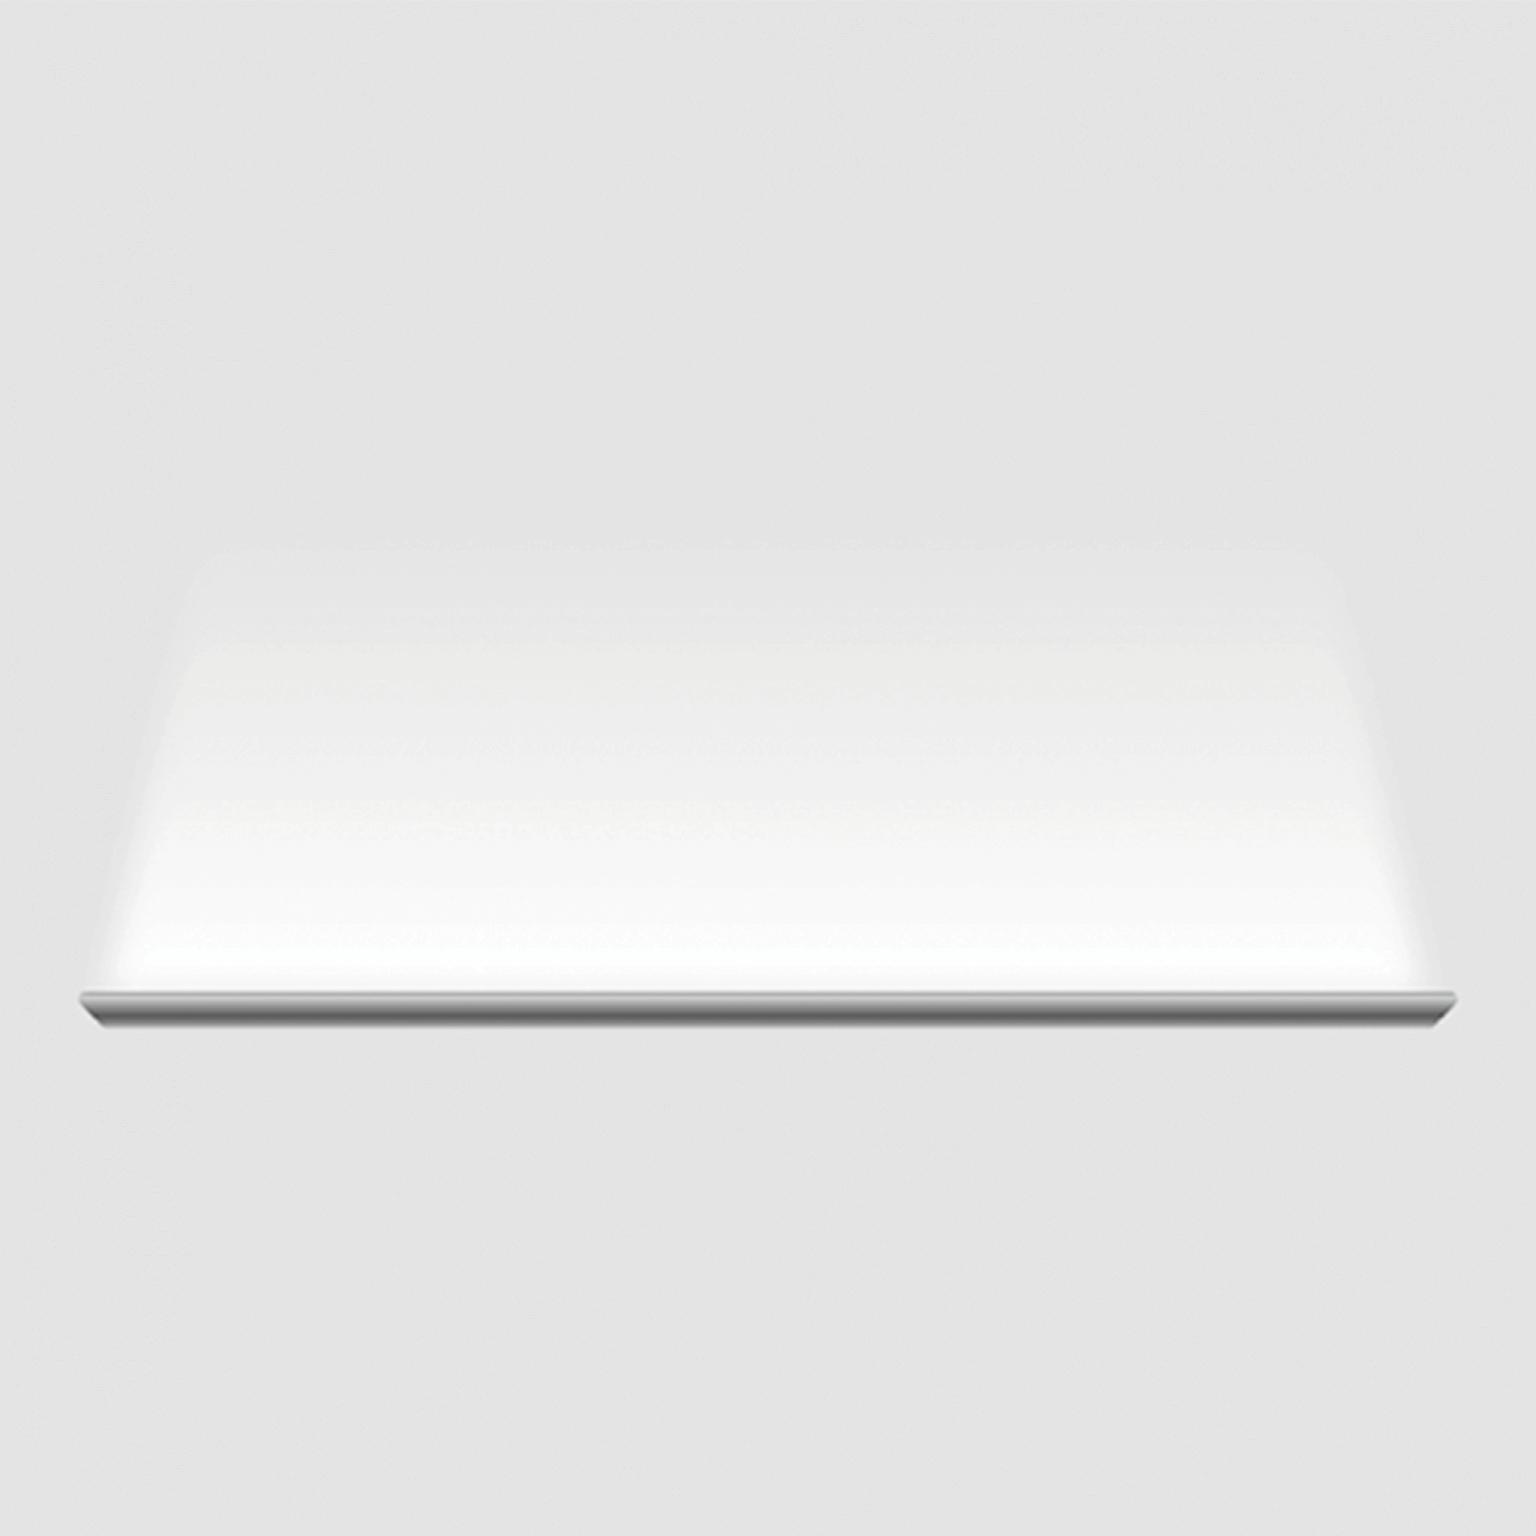 - Đèn SkyLight có vỏ nhôm nguyên khối sơn trắng, dài 120cm, công suất 18W, có thể lắp nối tiếp nhiều chiếc tạo thành mạch liền trên tường